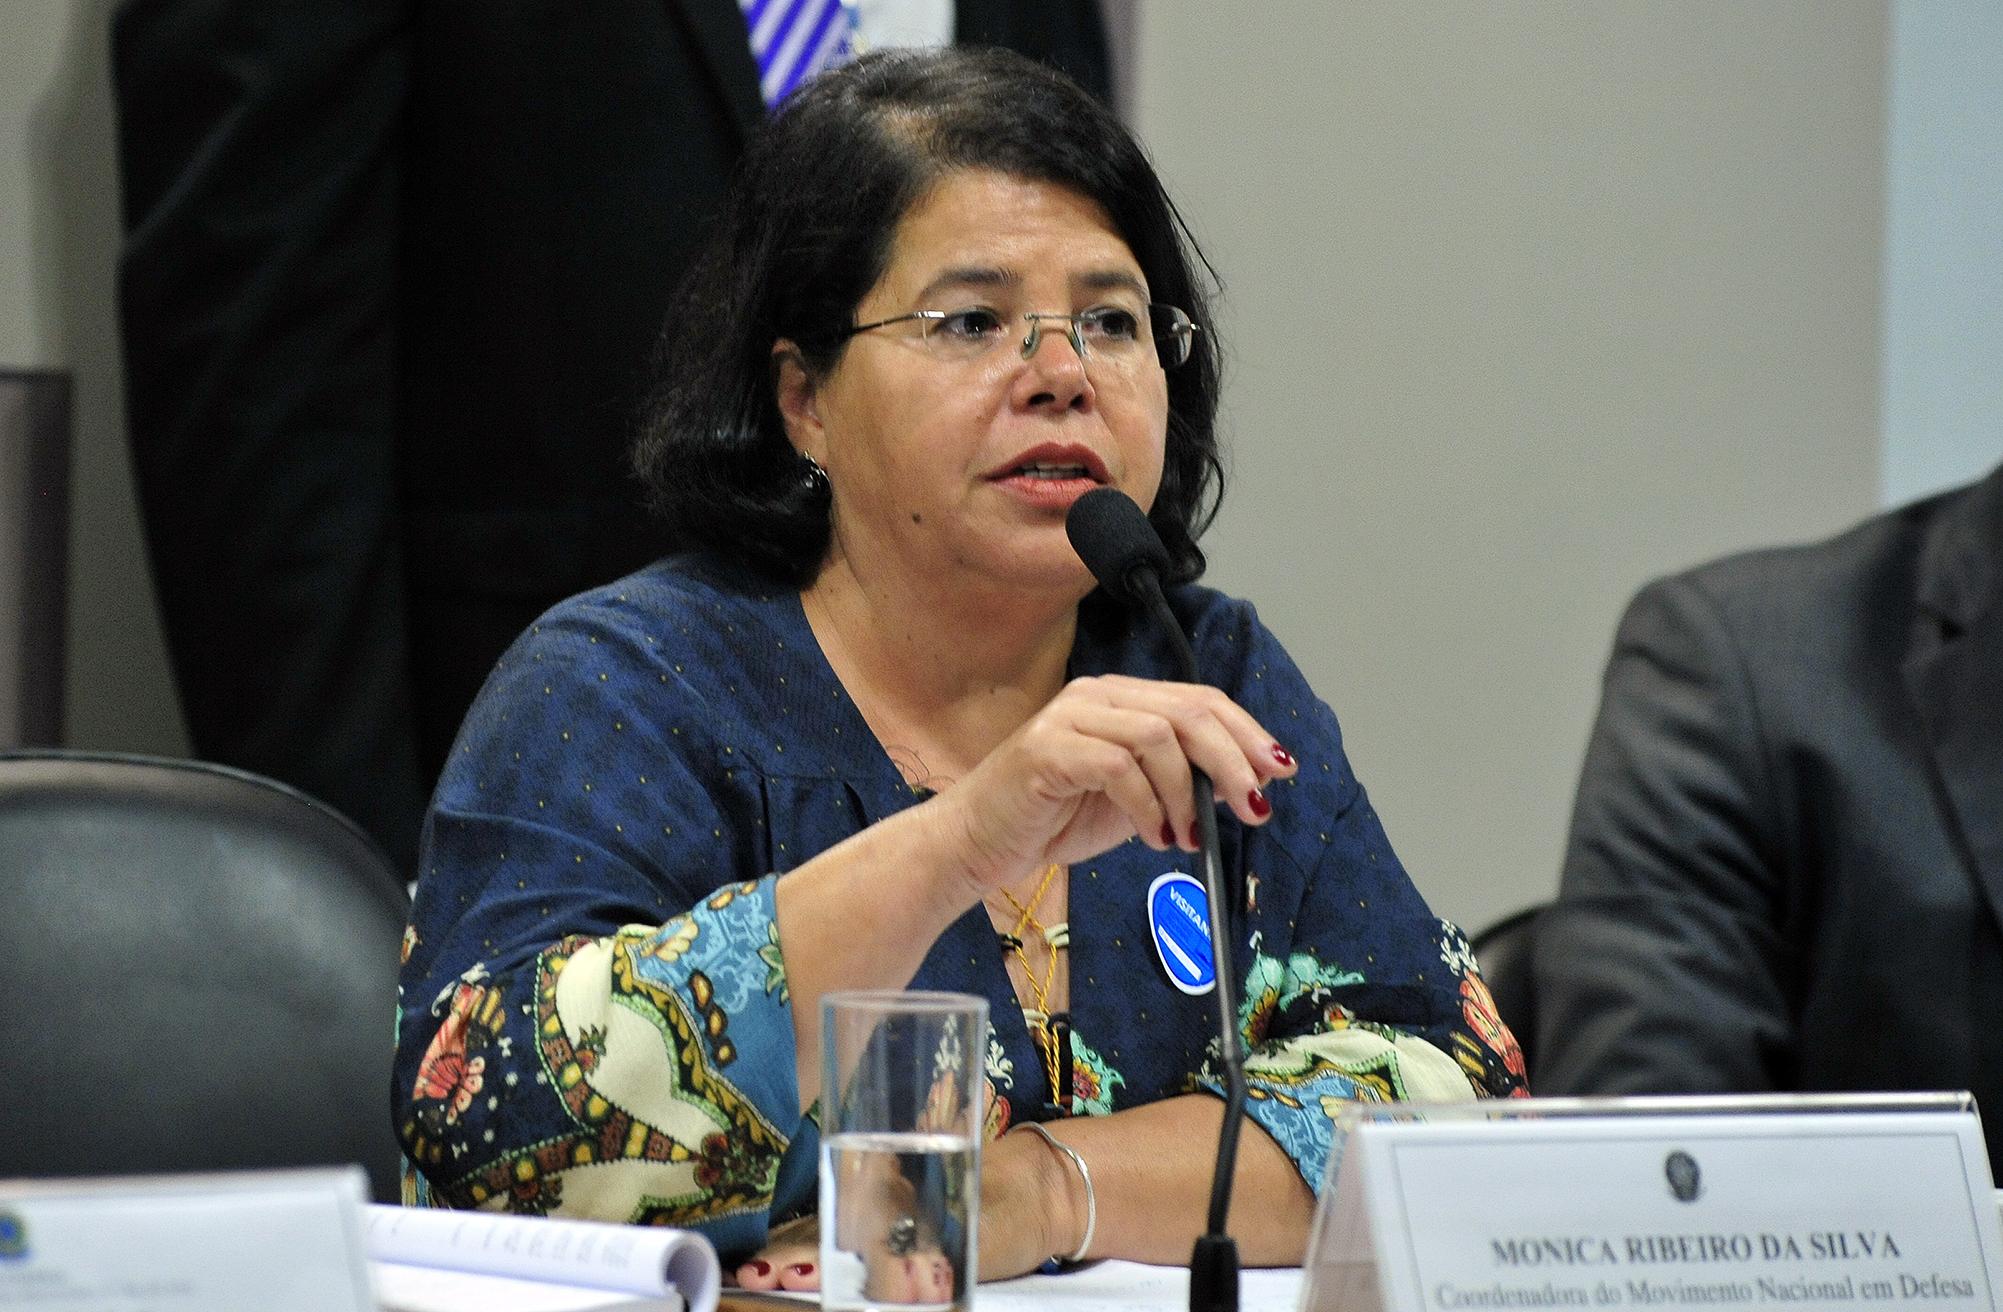 Audiência pública (interativa) da Comissão Mista sobre a MP 746/16, que reforma o currículo do ensino médio. Coordenadora do Movimento Nacional em Defesa do Ensino Médio, Monica Ribeiro da Silva